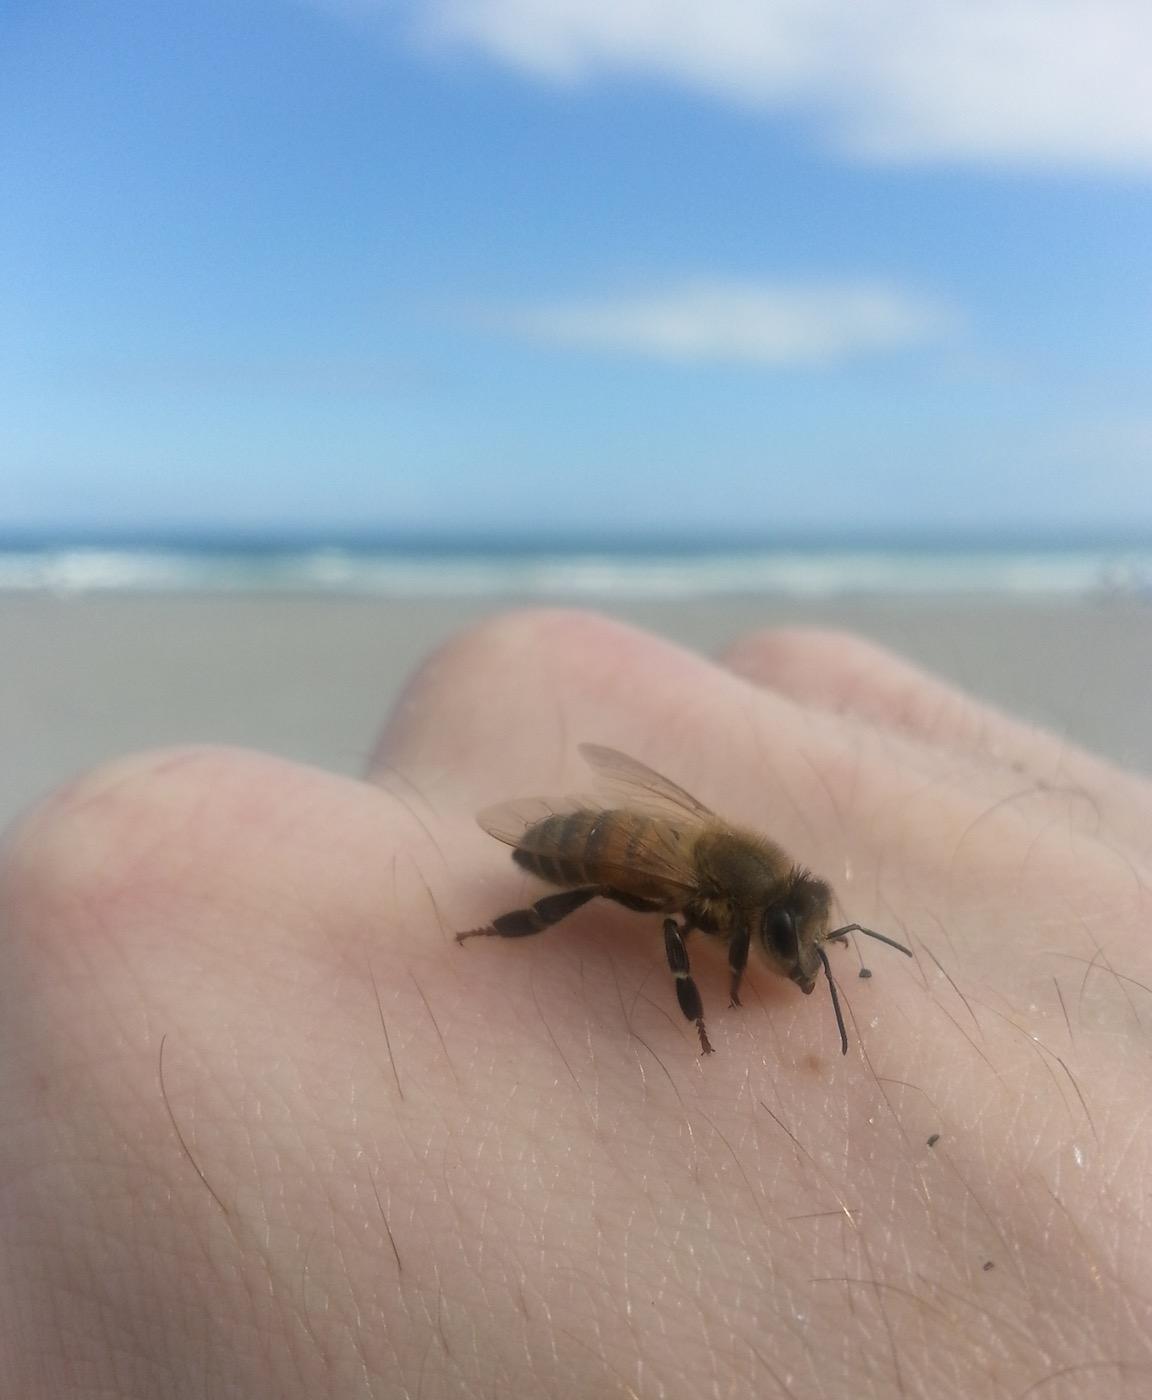 A honey bee (Apis mellifera) on a Florida beach.